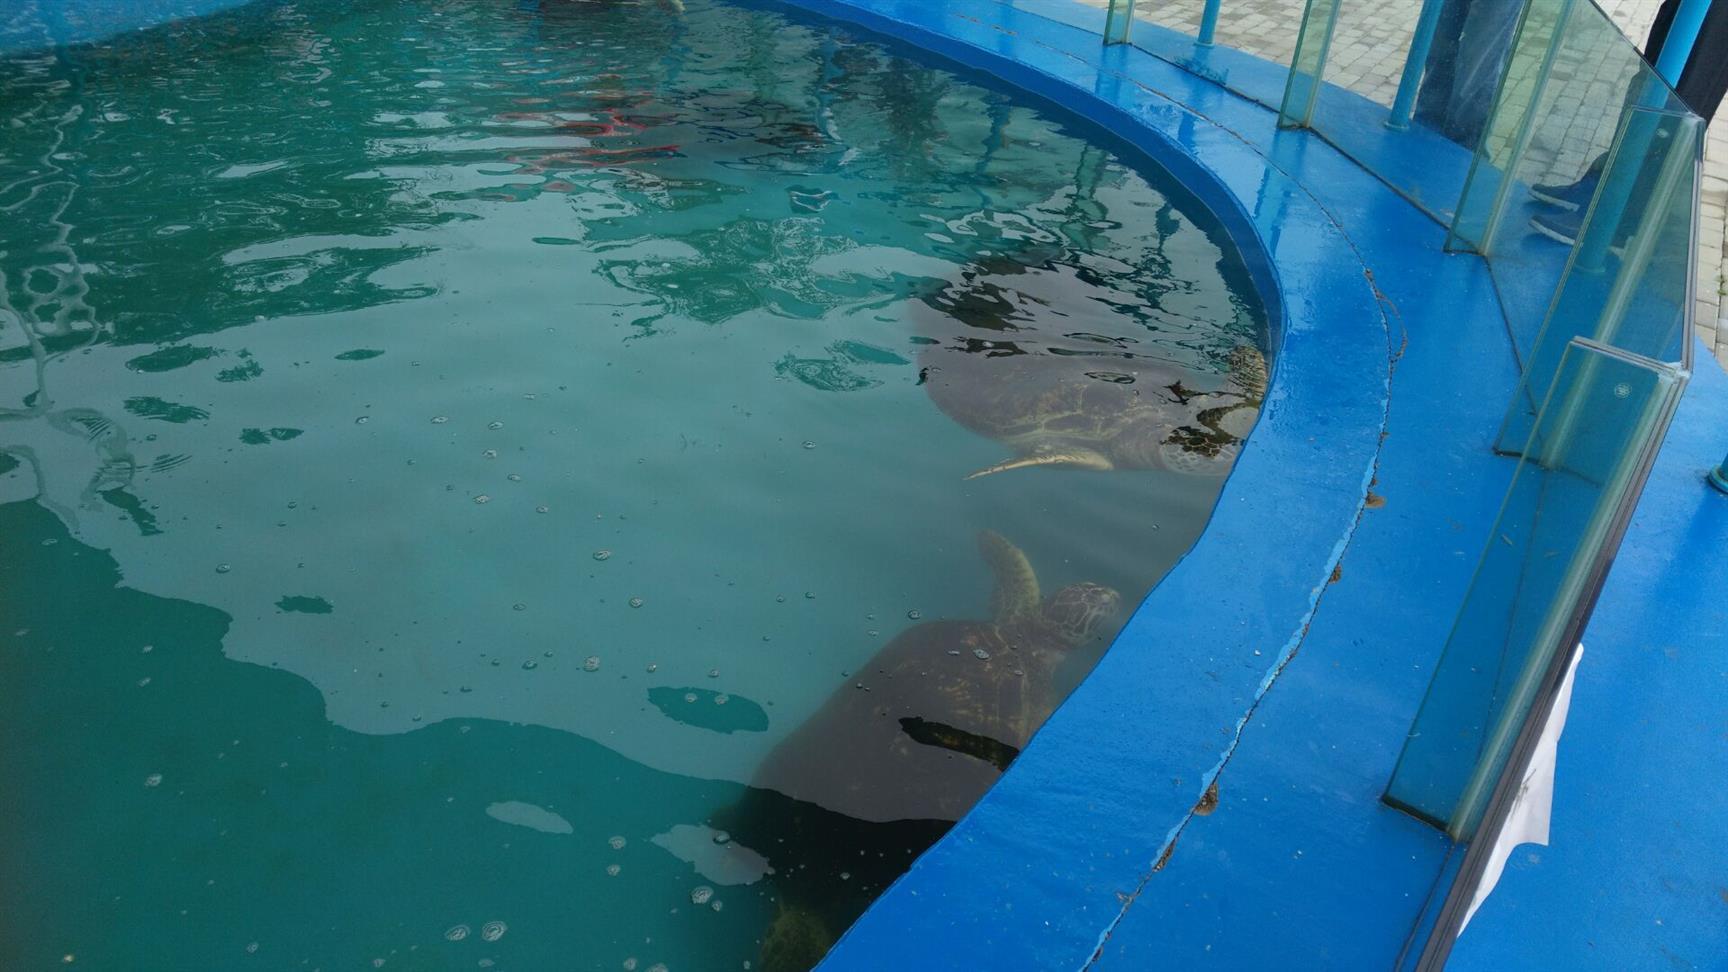 沧州家庭鱼池环保无溶剂防水漆生产